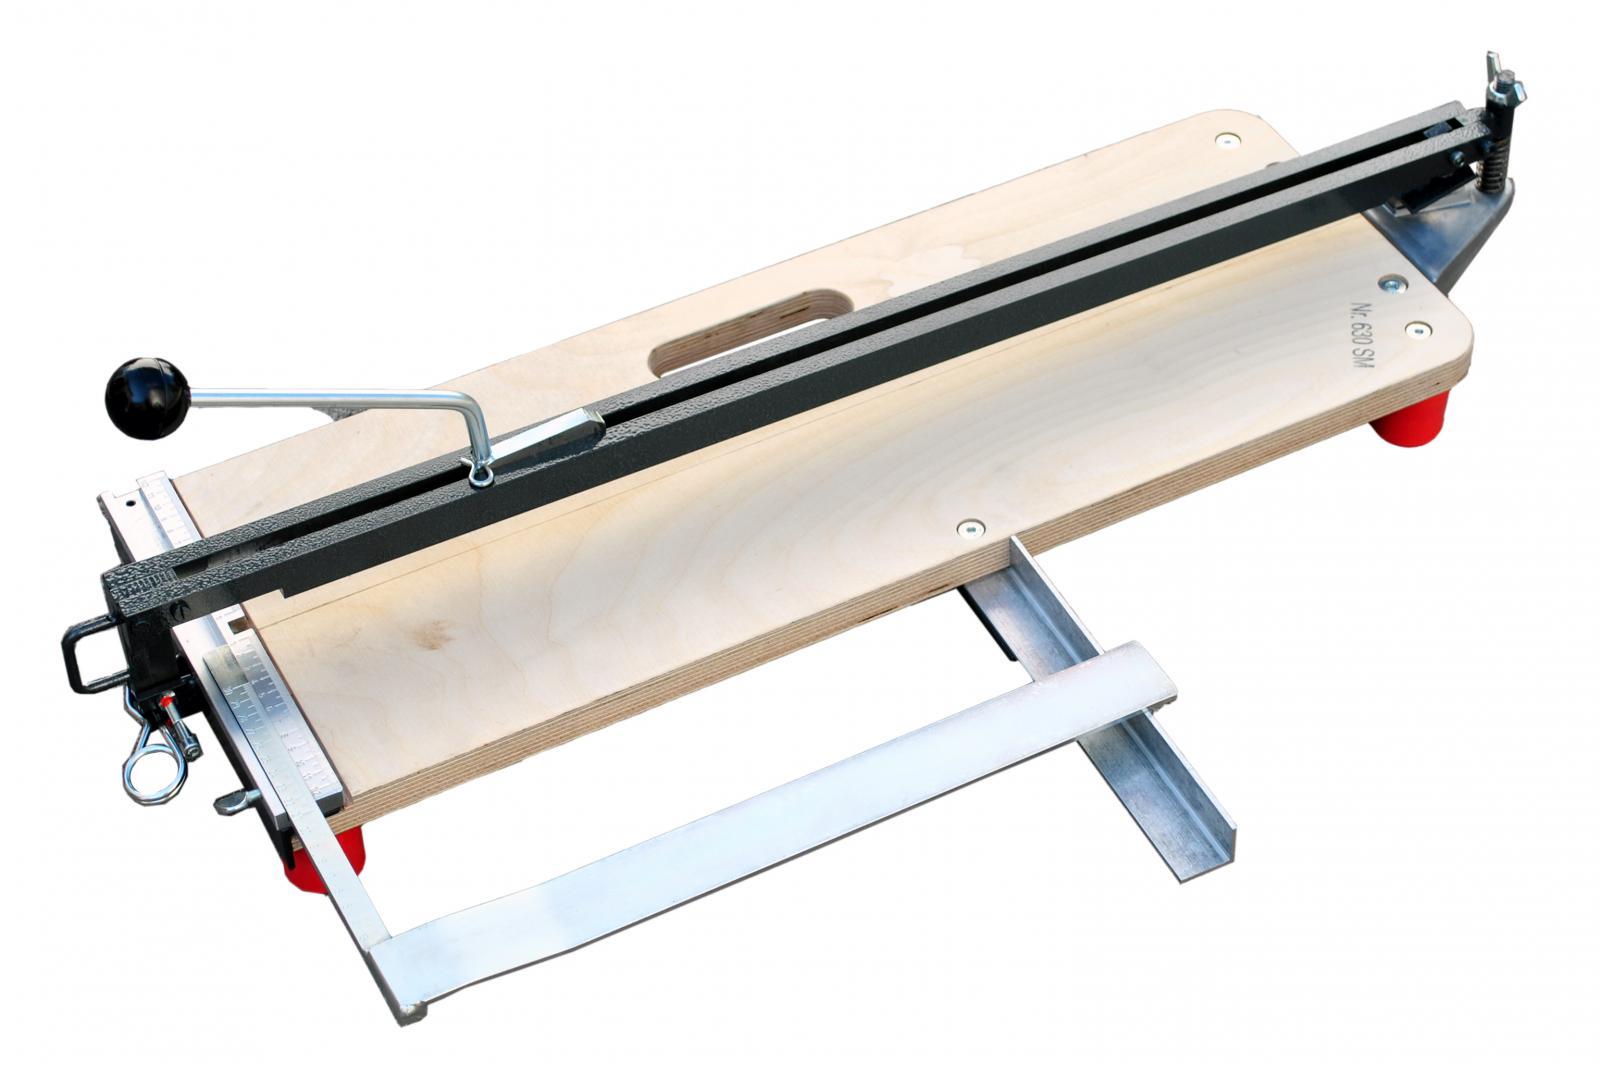 hufa schneidhexe fliesenschneider 630 c al 63 cm sondermodell ebay. Black Bedroom Furniture Sets. Home Design Ideas